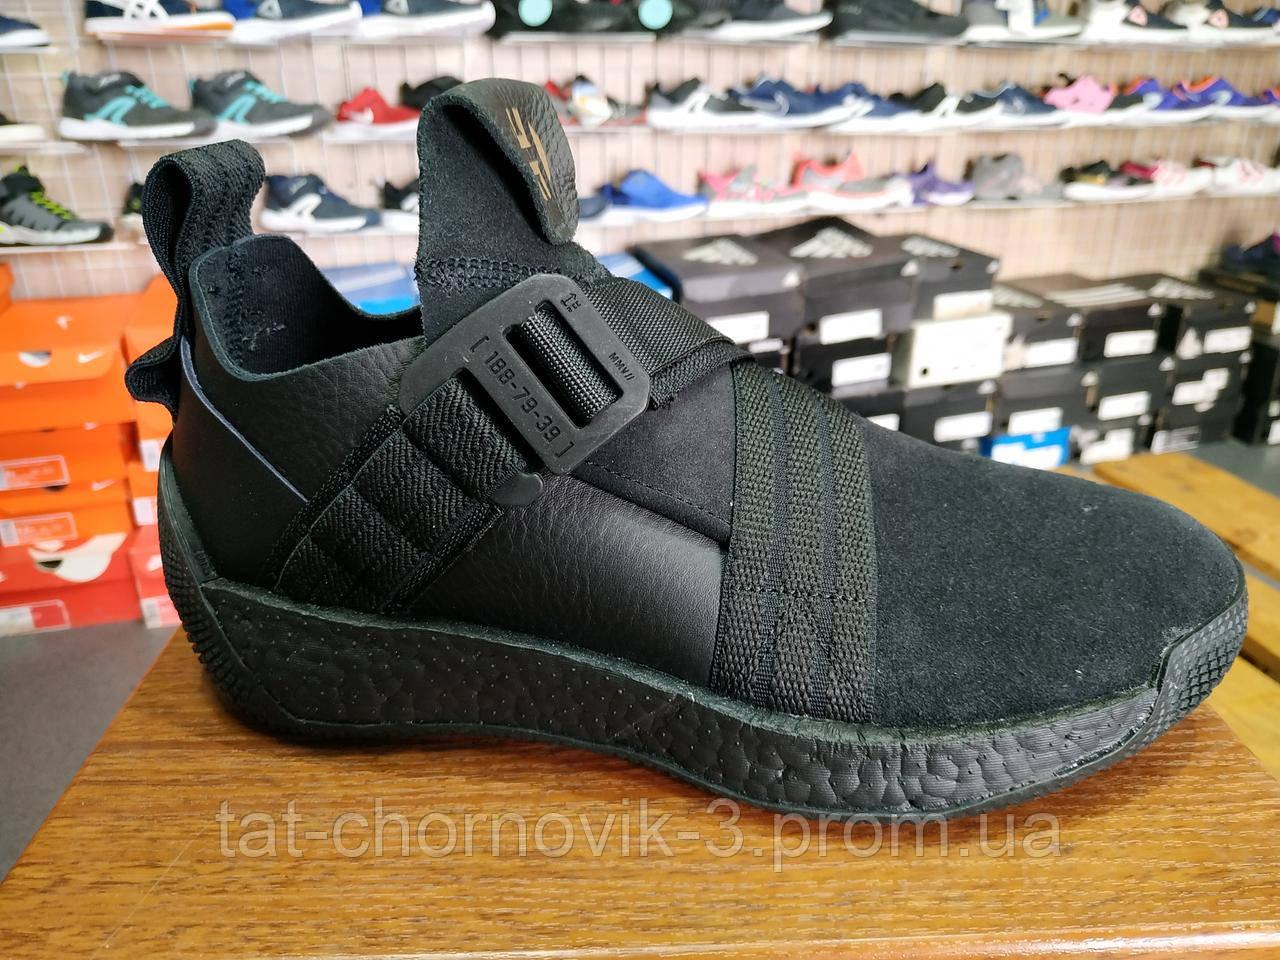 Кроссовки Adidas Harden LS 2 Buckle art. F33831